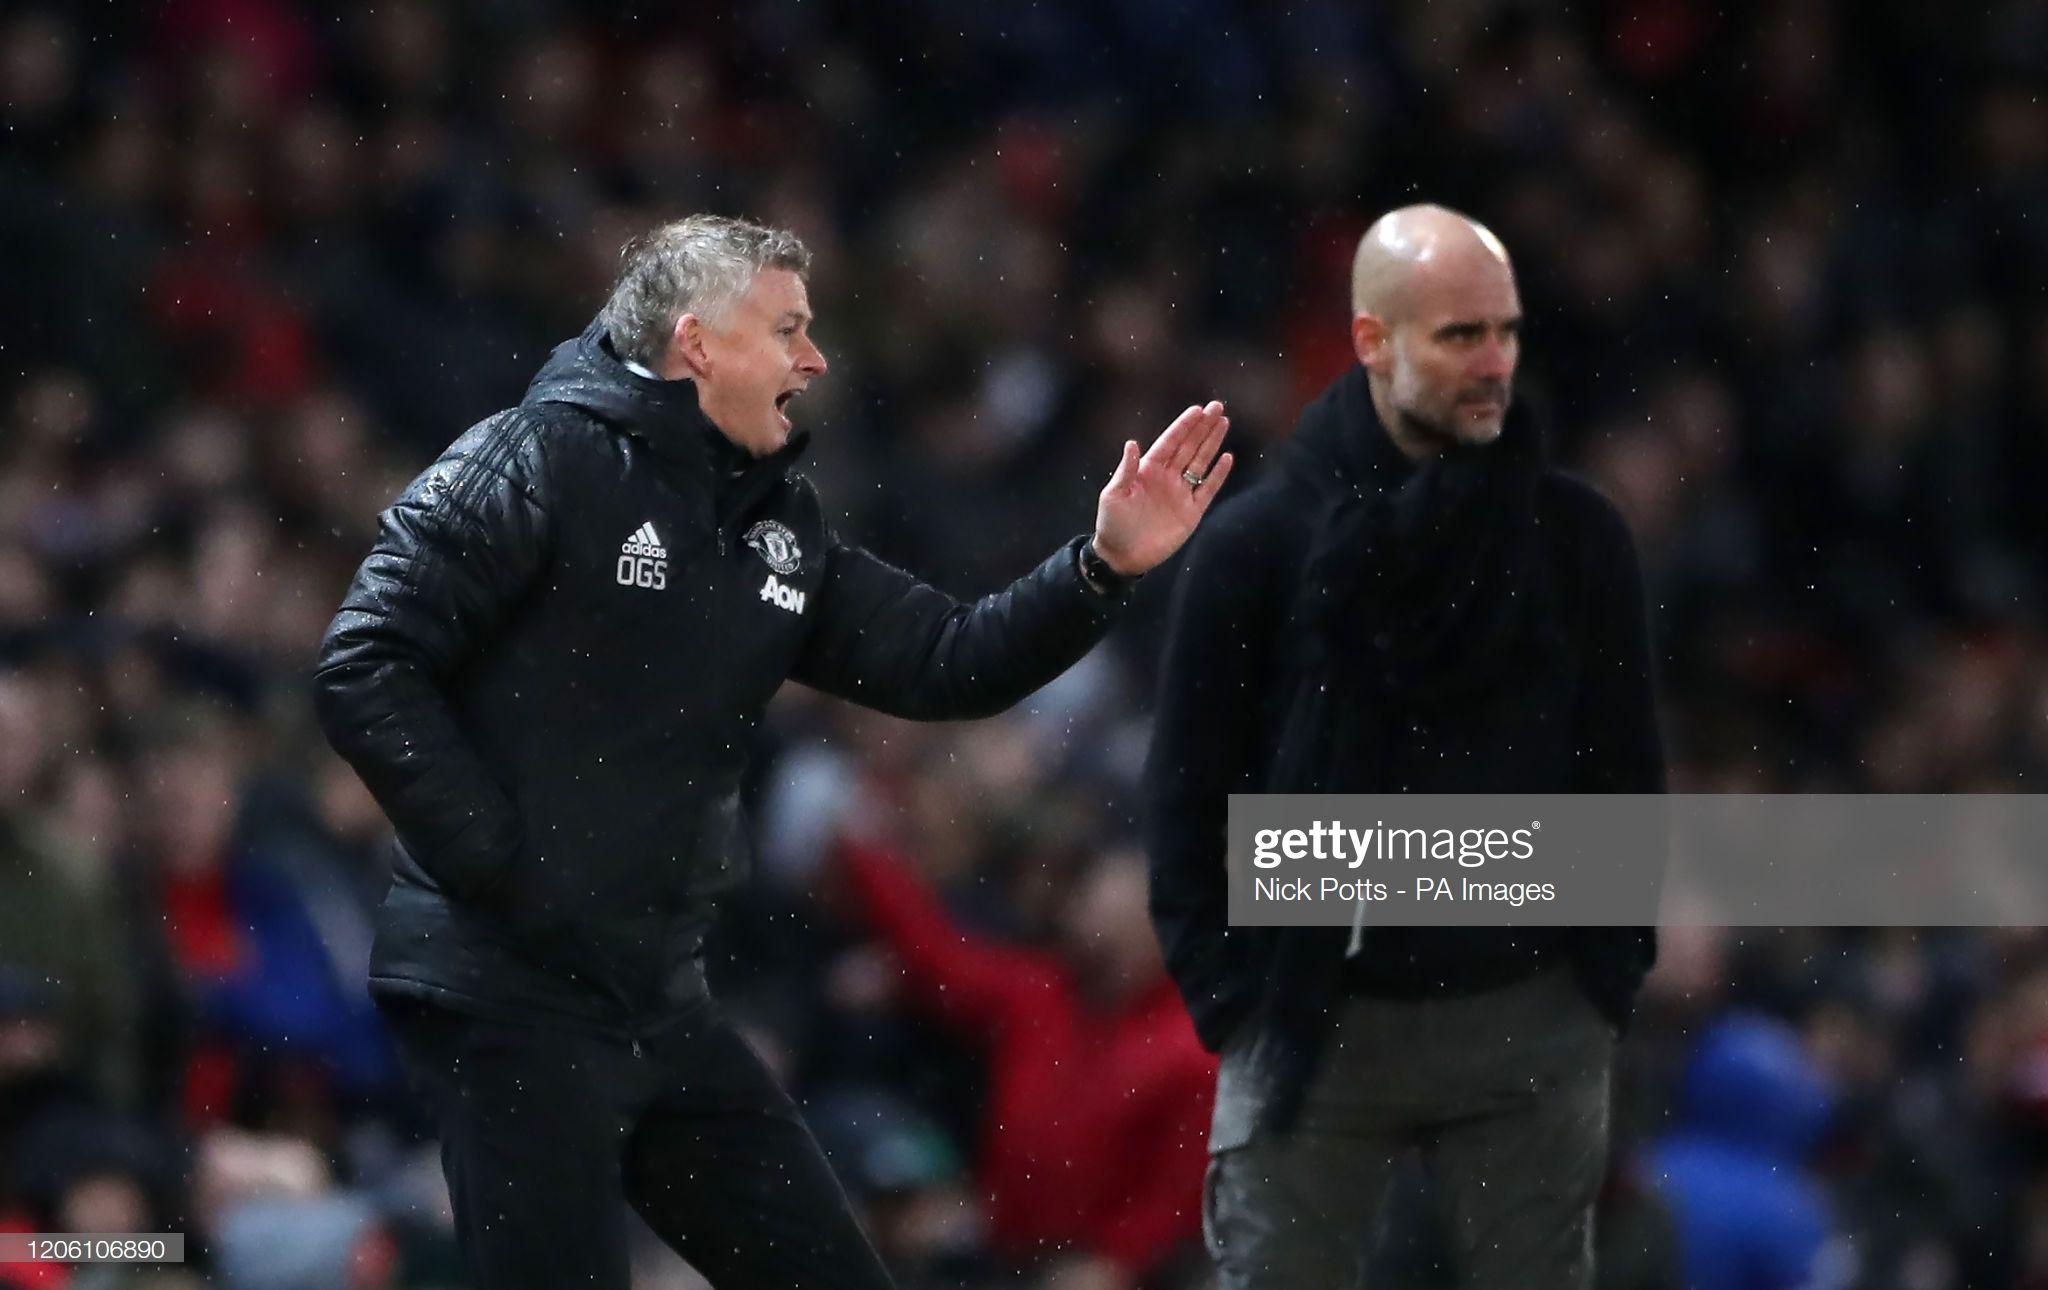 Manchester United Manager Ole Gunnar Solskjaer And Manchester City In 2020 Manchester United Ole Gunnar Solskjaer Manchester City